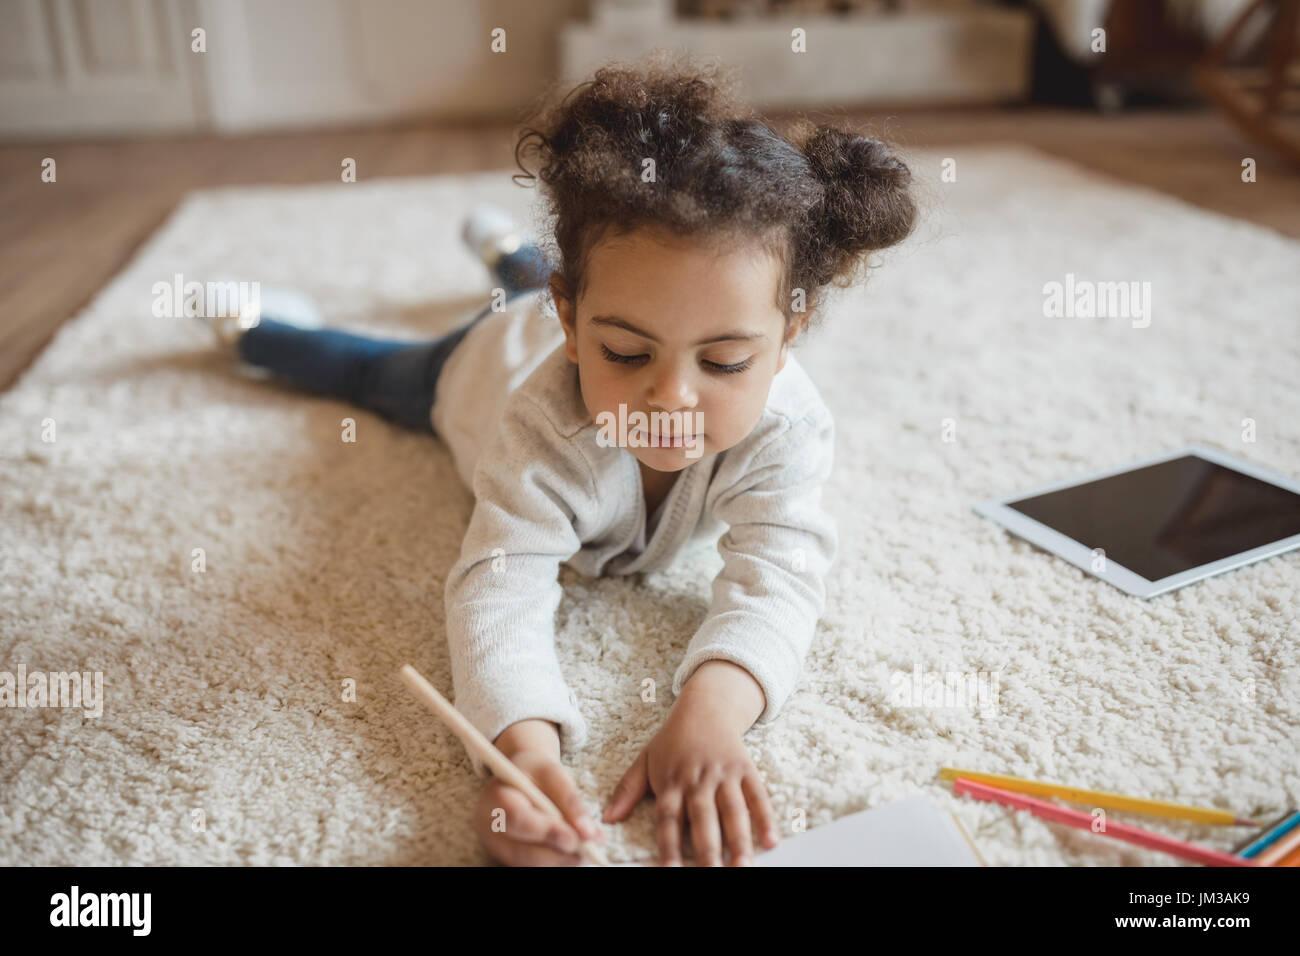 Adorável garota afro-americana de desenho com lápis e deitado sobre o tapete em casa Imagens de Stock